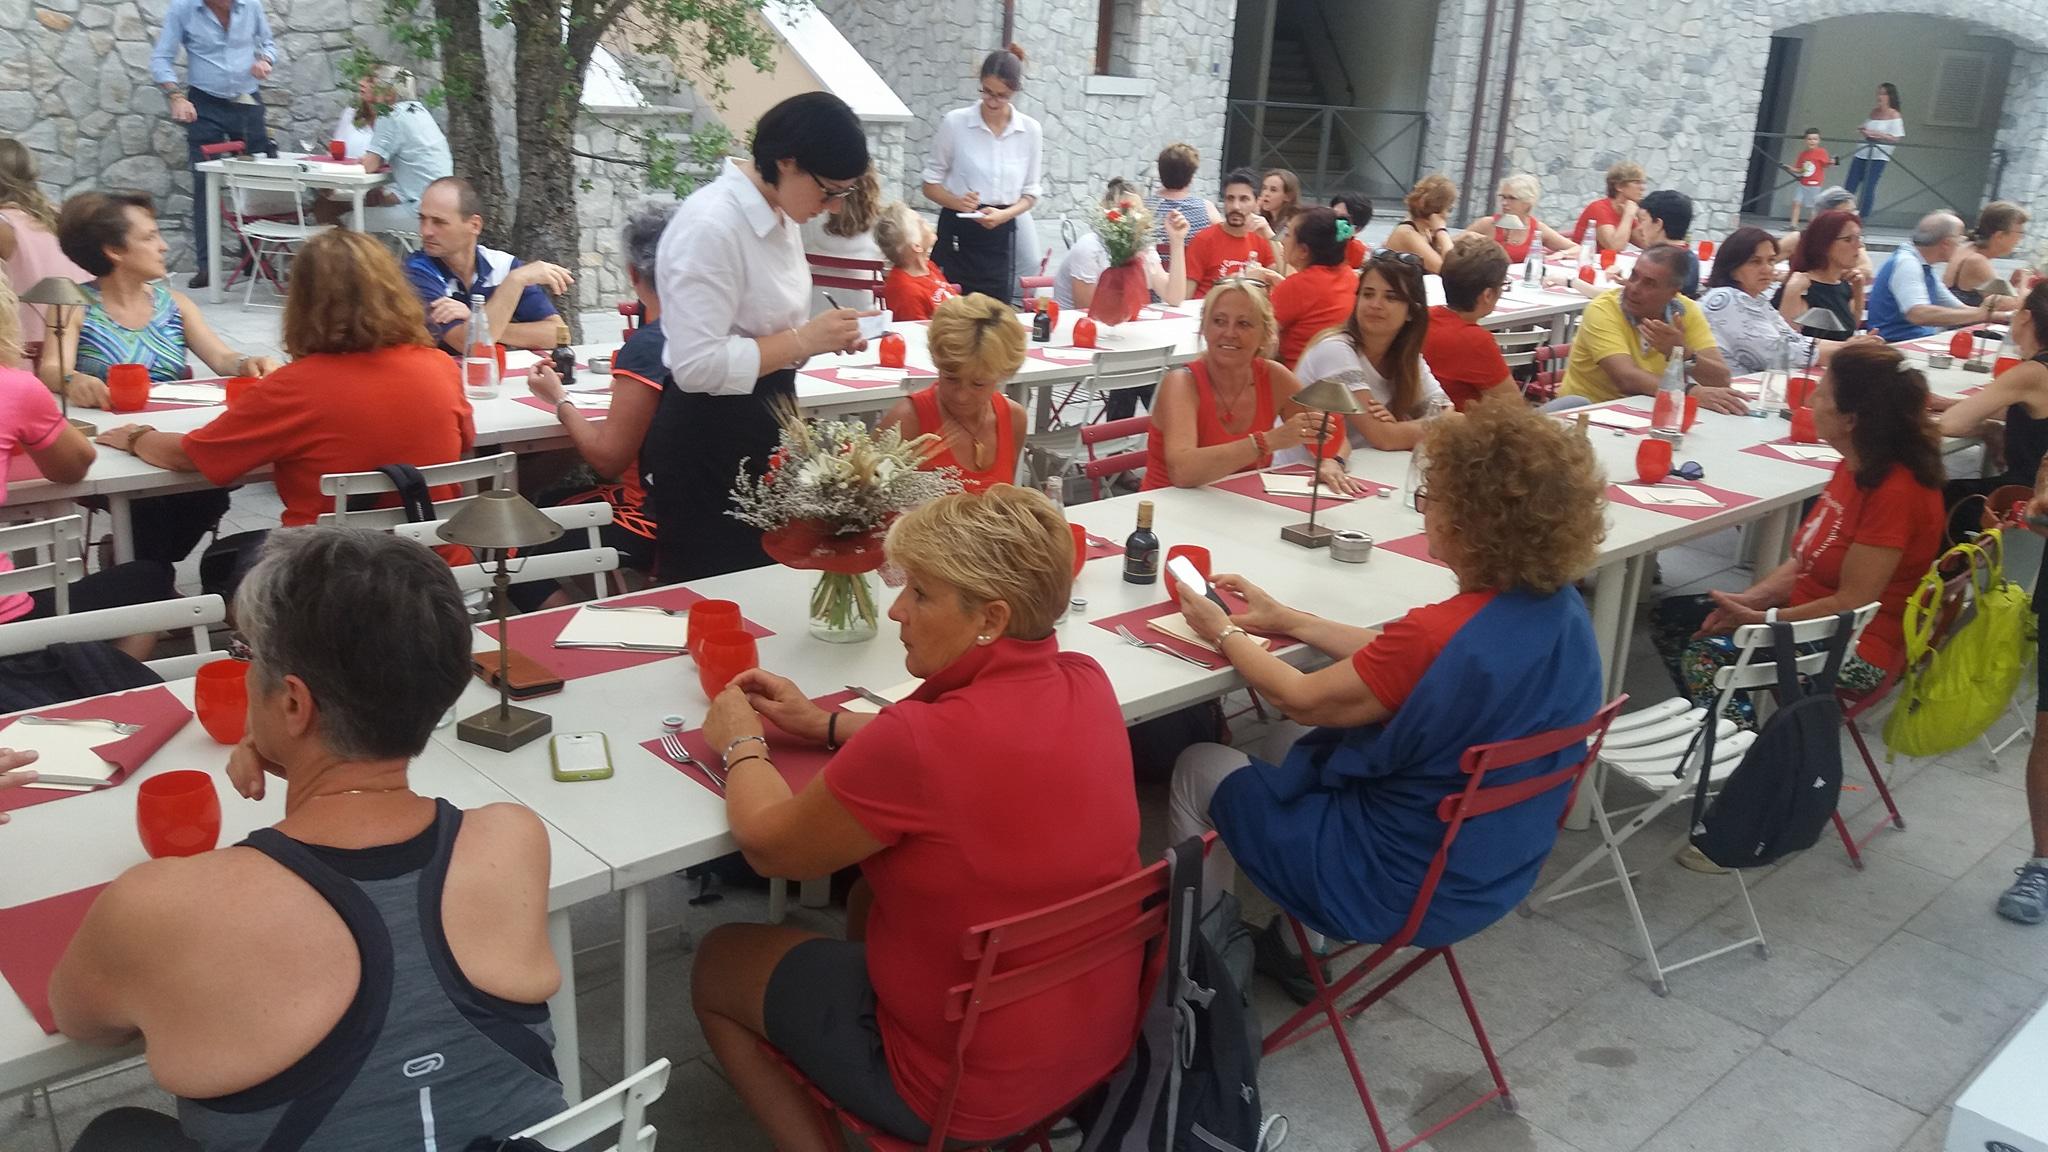 Cena Sociale Nordic Walking Duino - Portopiccolo - L'Oro di Napoli 21-06-2018 (G6)